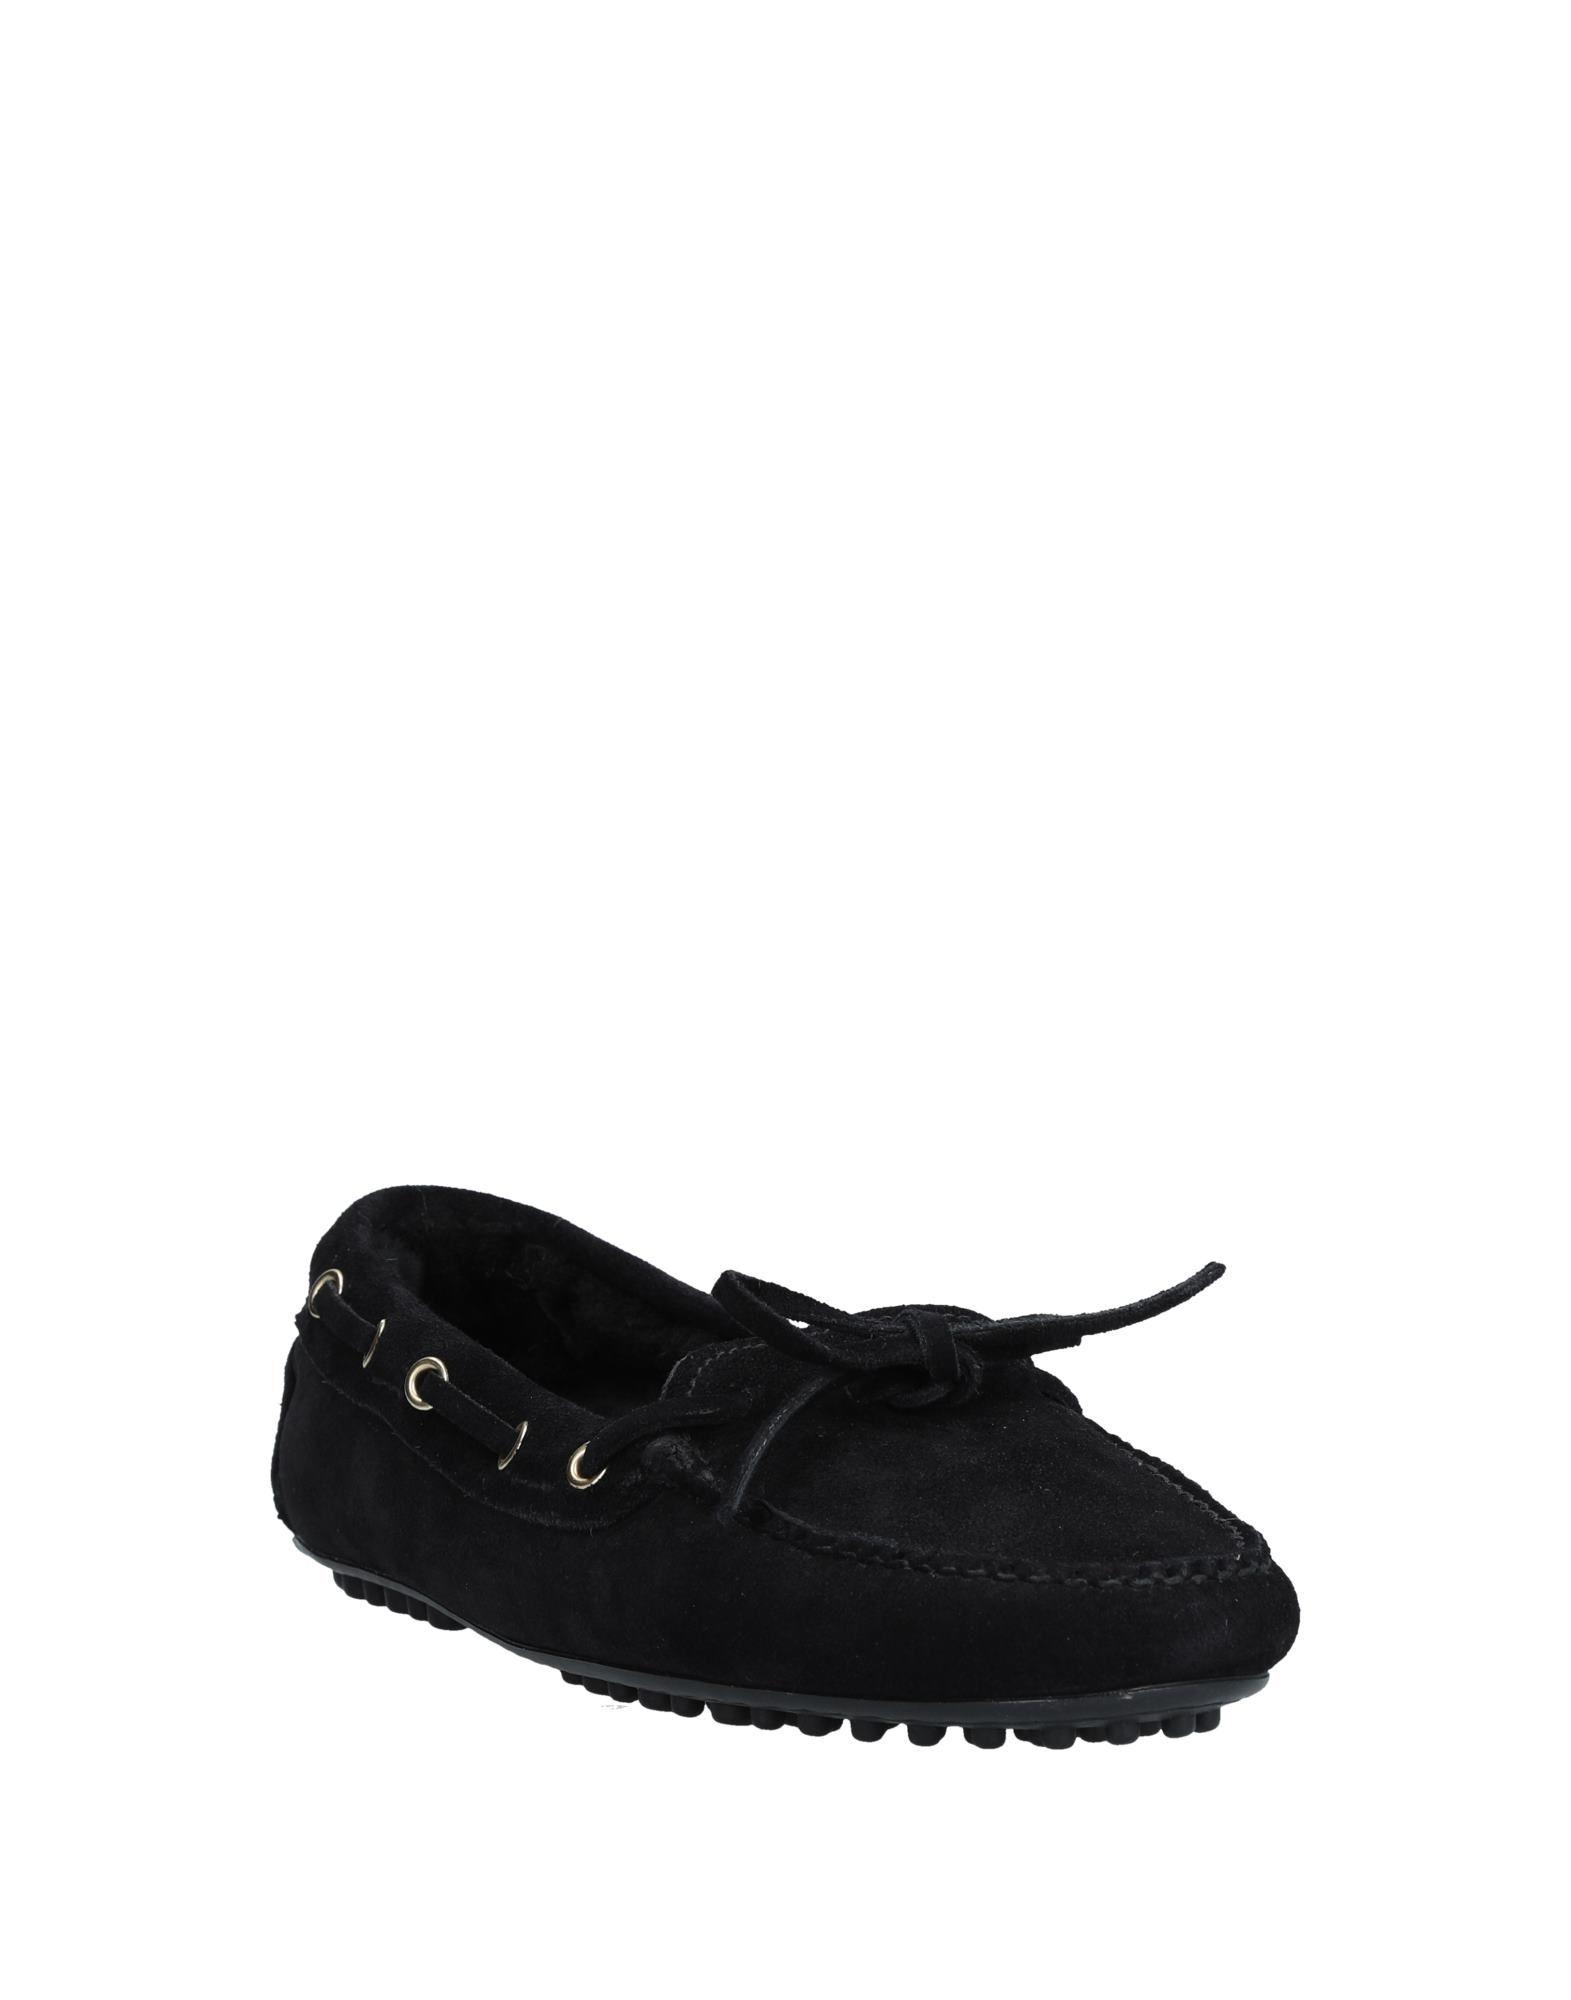 Carshoe Mokassins Damen  11542847RRGut Schuhe aussehende strapazierfähige Schuhe 11542847RRGut 88fbce